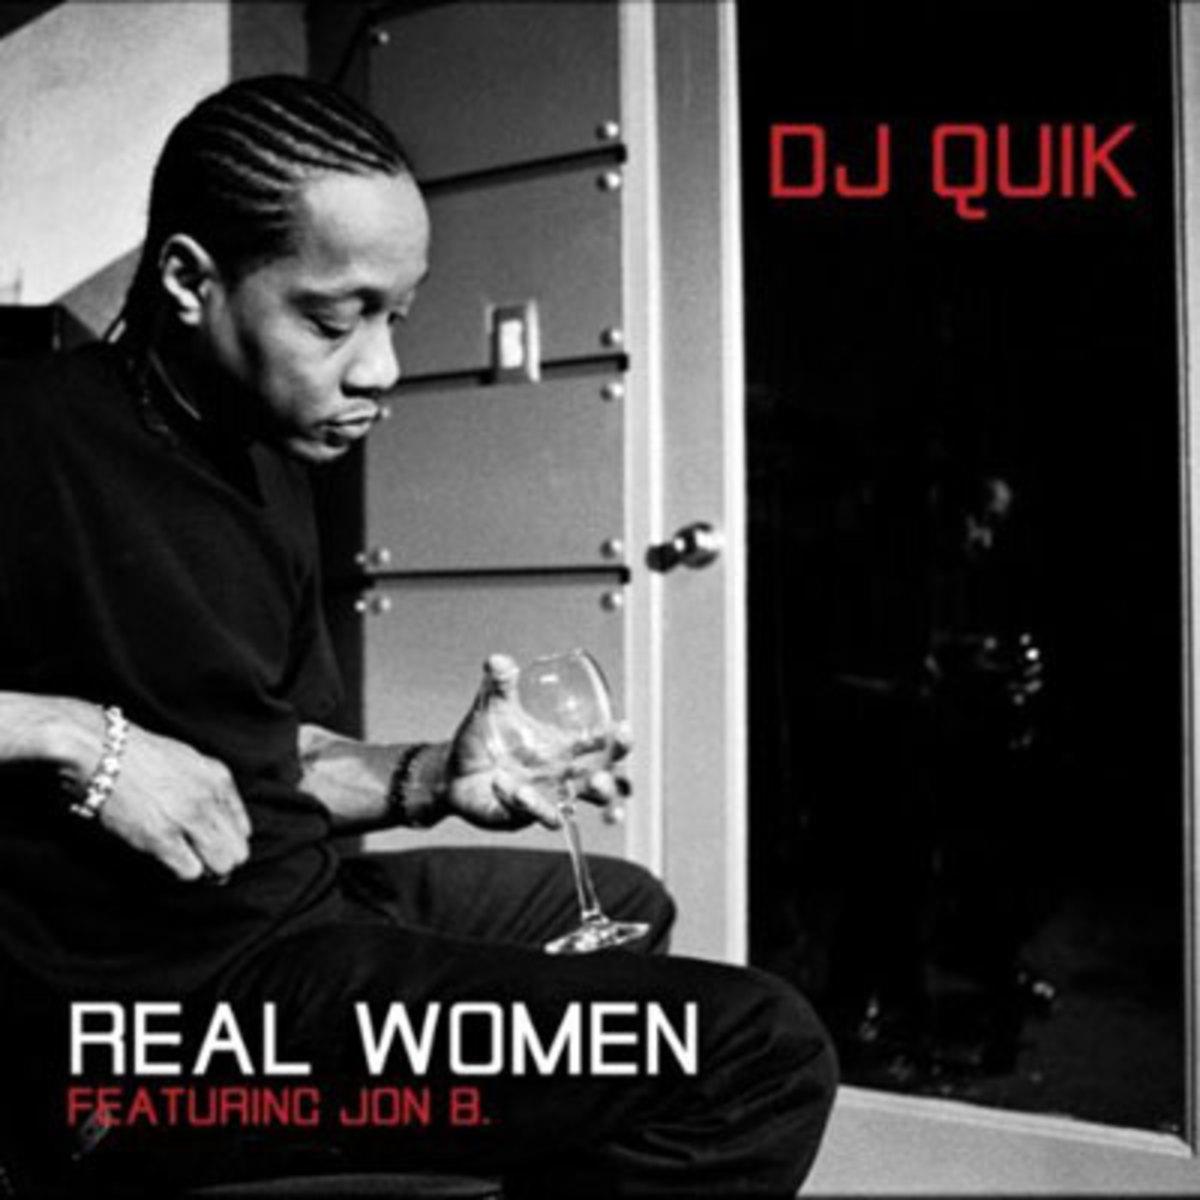 djquik-realwomen.jpg